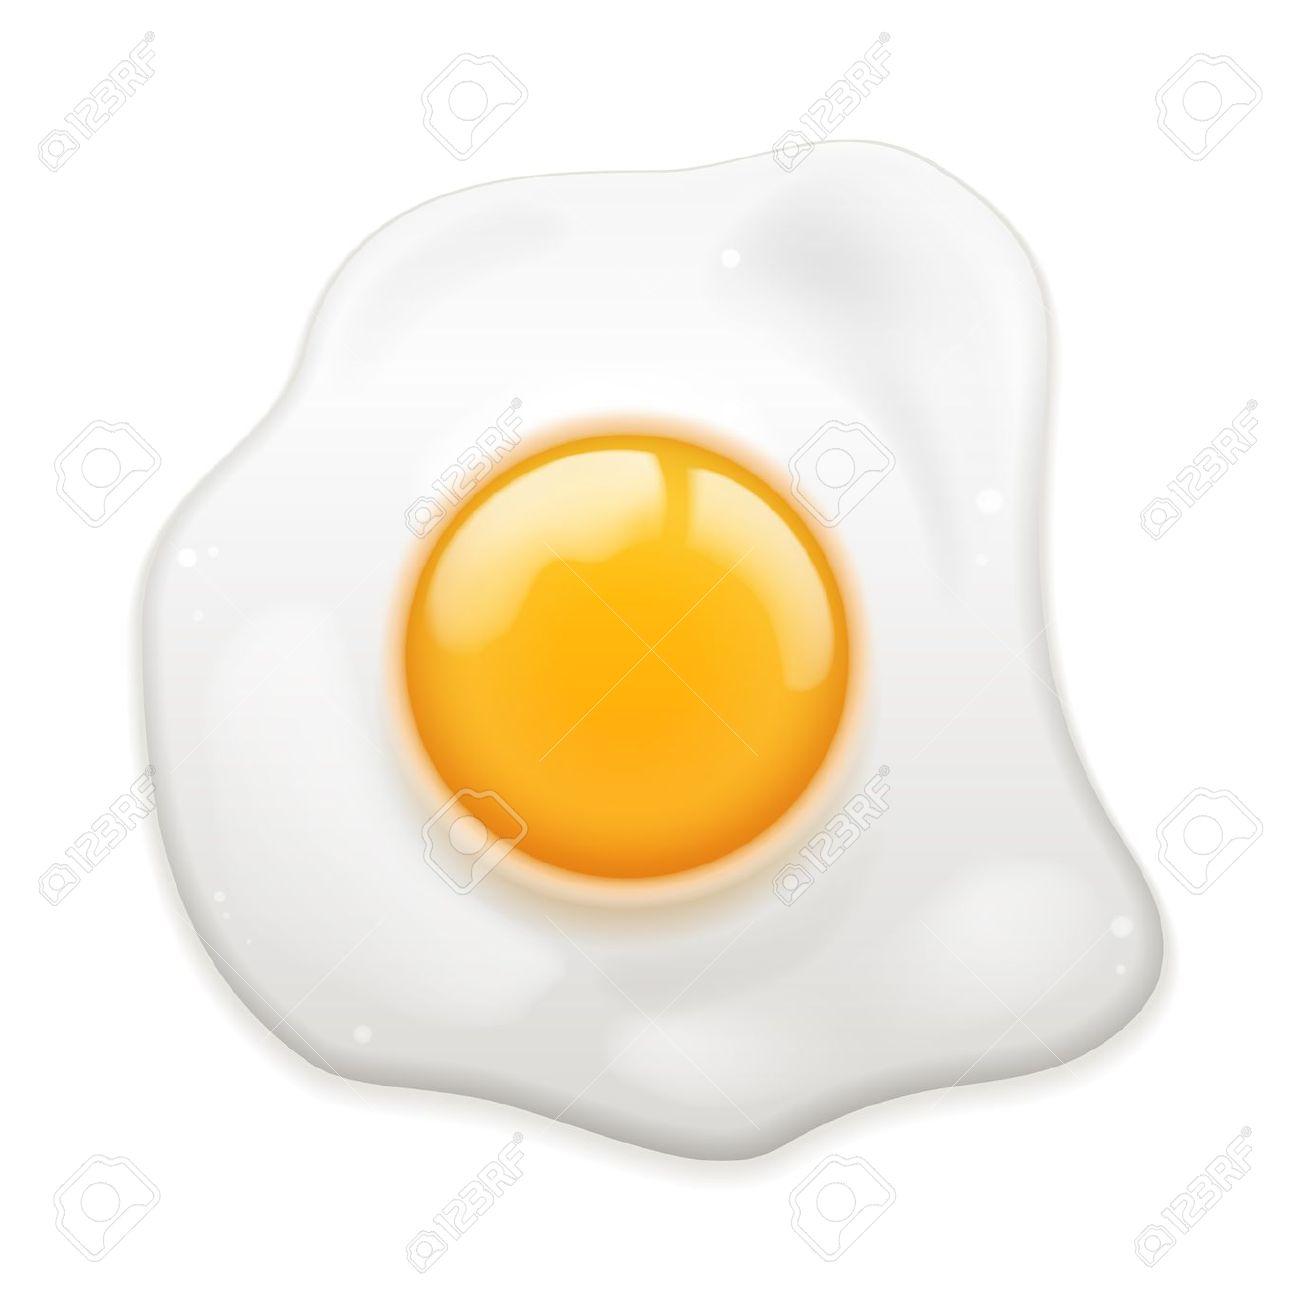 Easter egg yolk clipart.